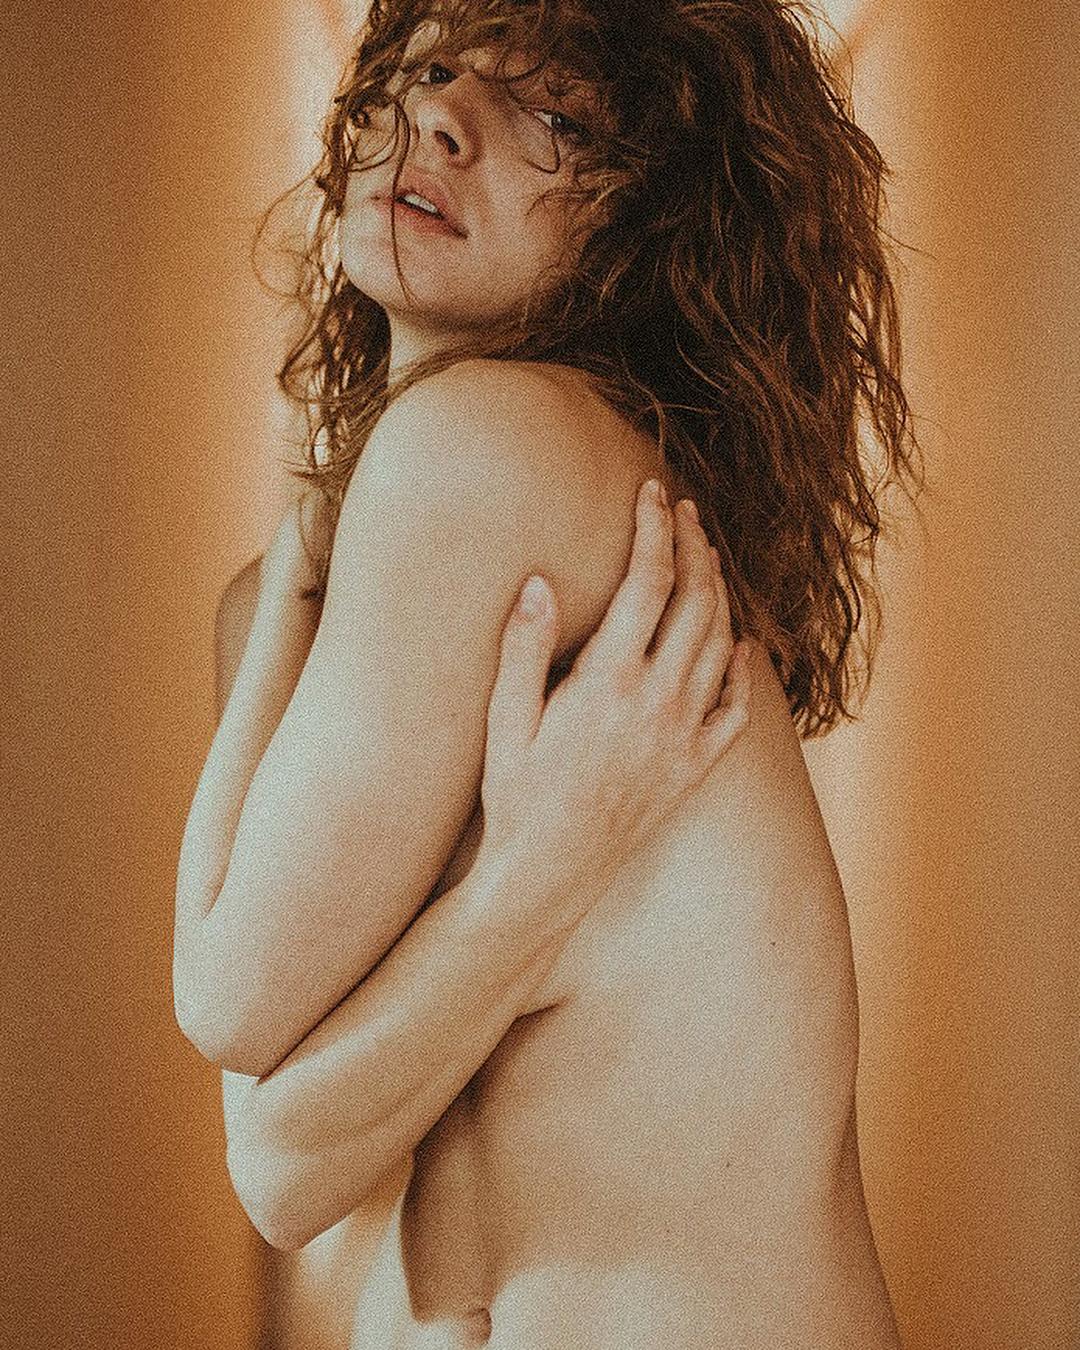 Красивые портреты девушек от Хорхе Редондо